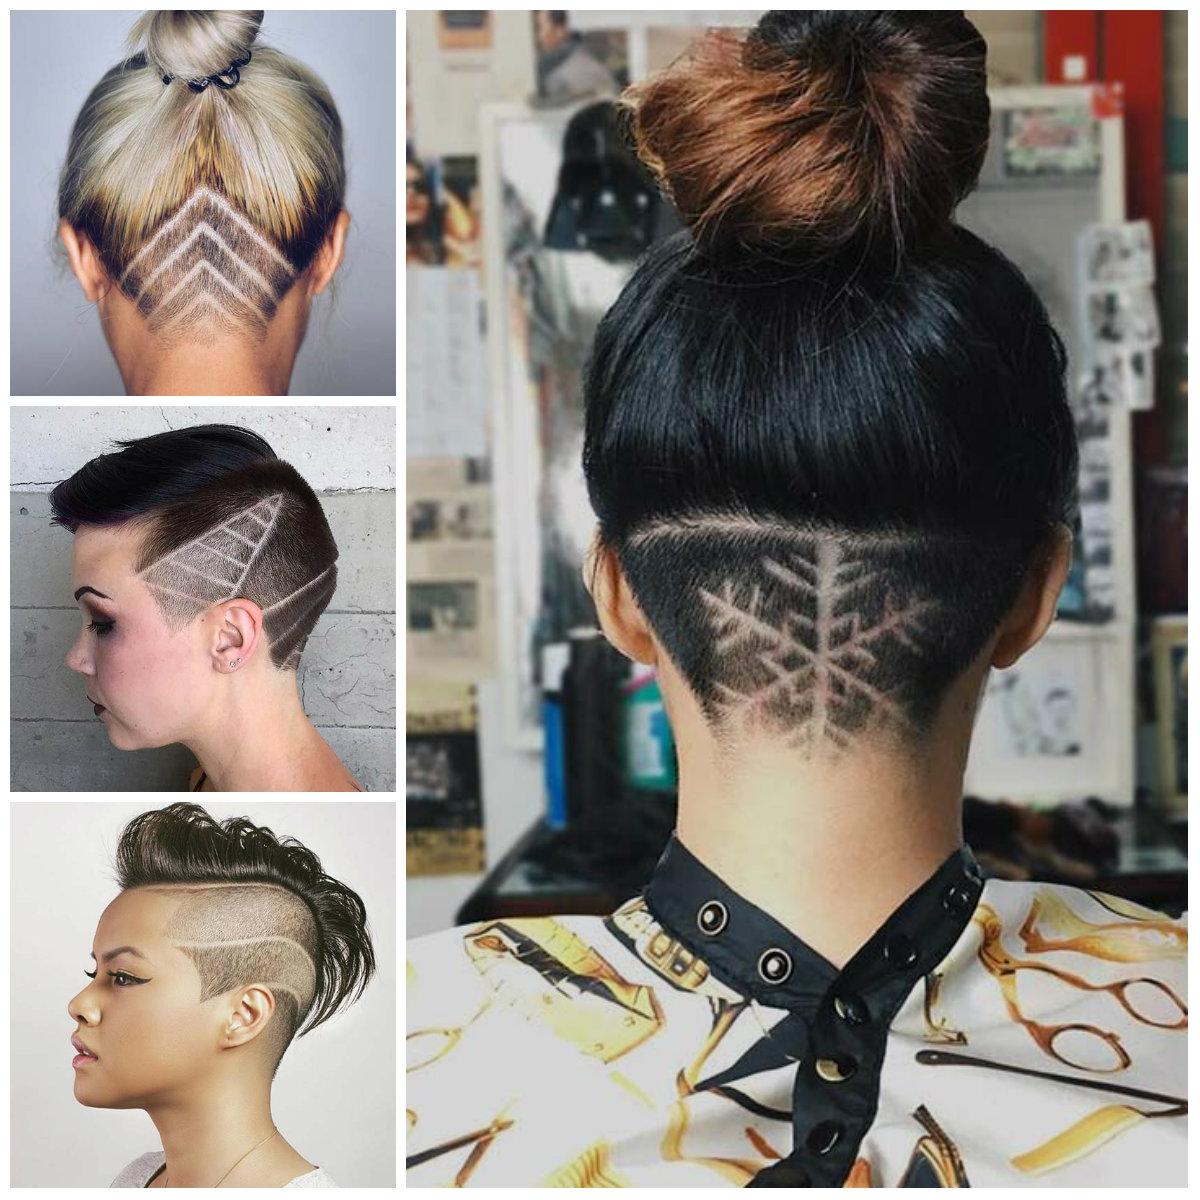 Fêmeas Minar Penteados com Cabelo Tatuagens para 2017